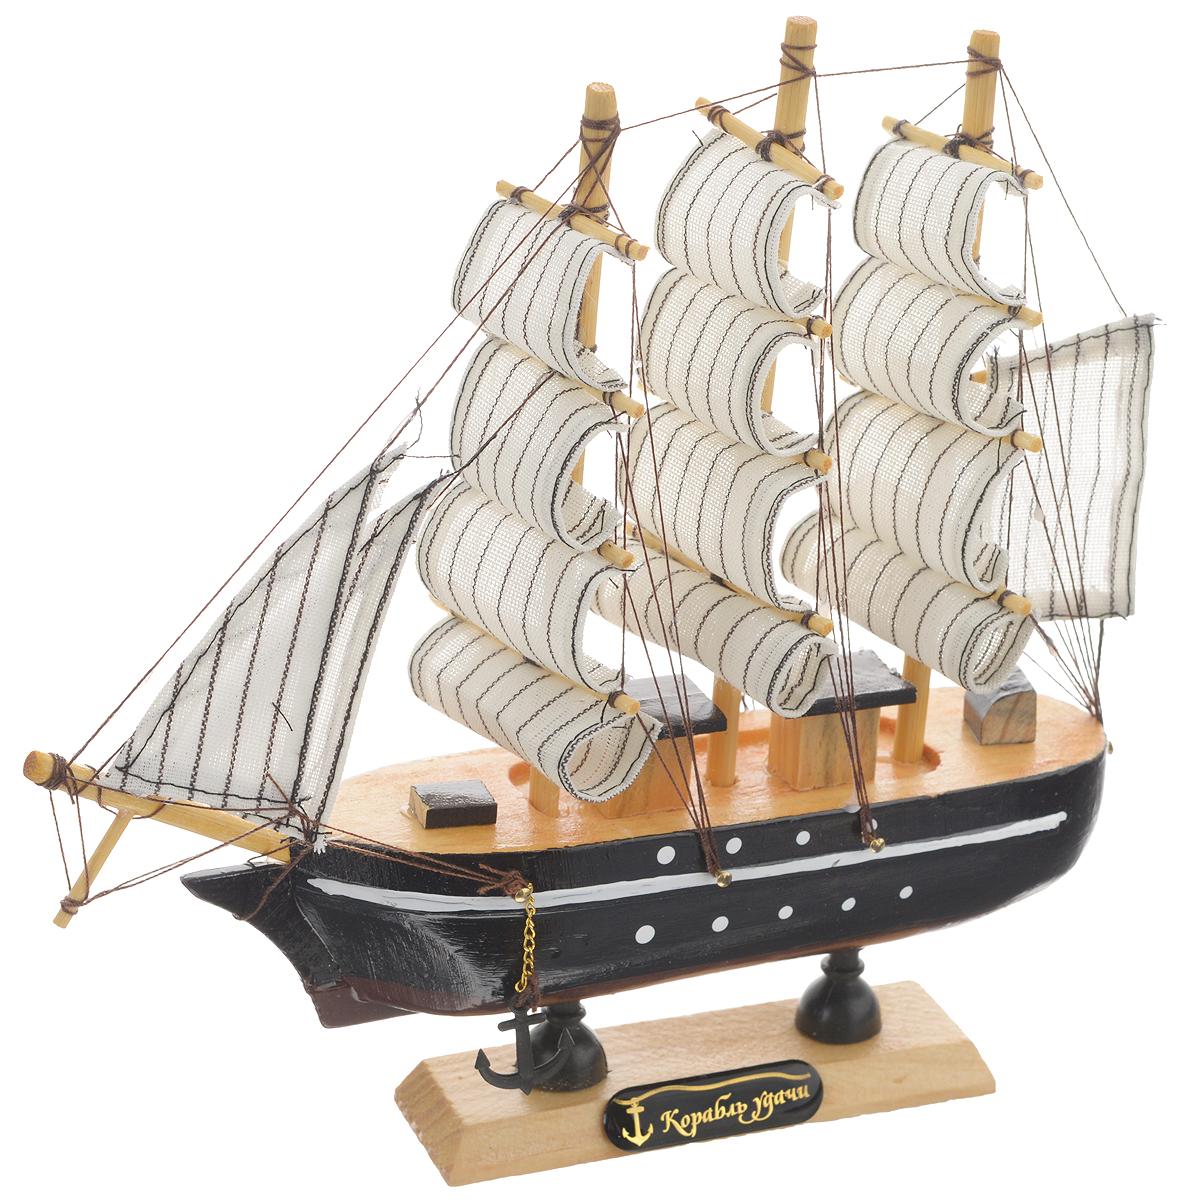 Корабль сувенирный Корабль удачи, длина 20 см. 564174564174Сувенирный корабль Корабль удачи, изготовленный из дерева и текстиля, это великолепный элемент декора рабочей зоны в офисе или кабинете. Корабль с парусами и якорями помещен на деревянную подставку. Время идет, и мы становимся свидетелями развития технического прогресса, новых учений и практик. Но одно не подвластно времени - это любовь человека к морю и кораблям. Сувенирный корабль наполнен историей и силой океанских вод. Данная модель кораблика станет отличным подарком для всех любителей морей, поклонников историй о покорении океанов и неизведанных земель. Модель корабля - подарок со смыслом. Издавна на Руси считалось, что корабли приносят удачу и везение. Поэтому их изображения, фигурки и точные копии всегда присутствовали в помещениях. Удивите себя и своих близких необычным презентом.